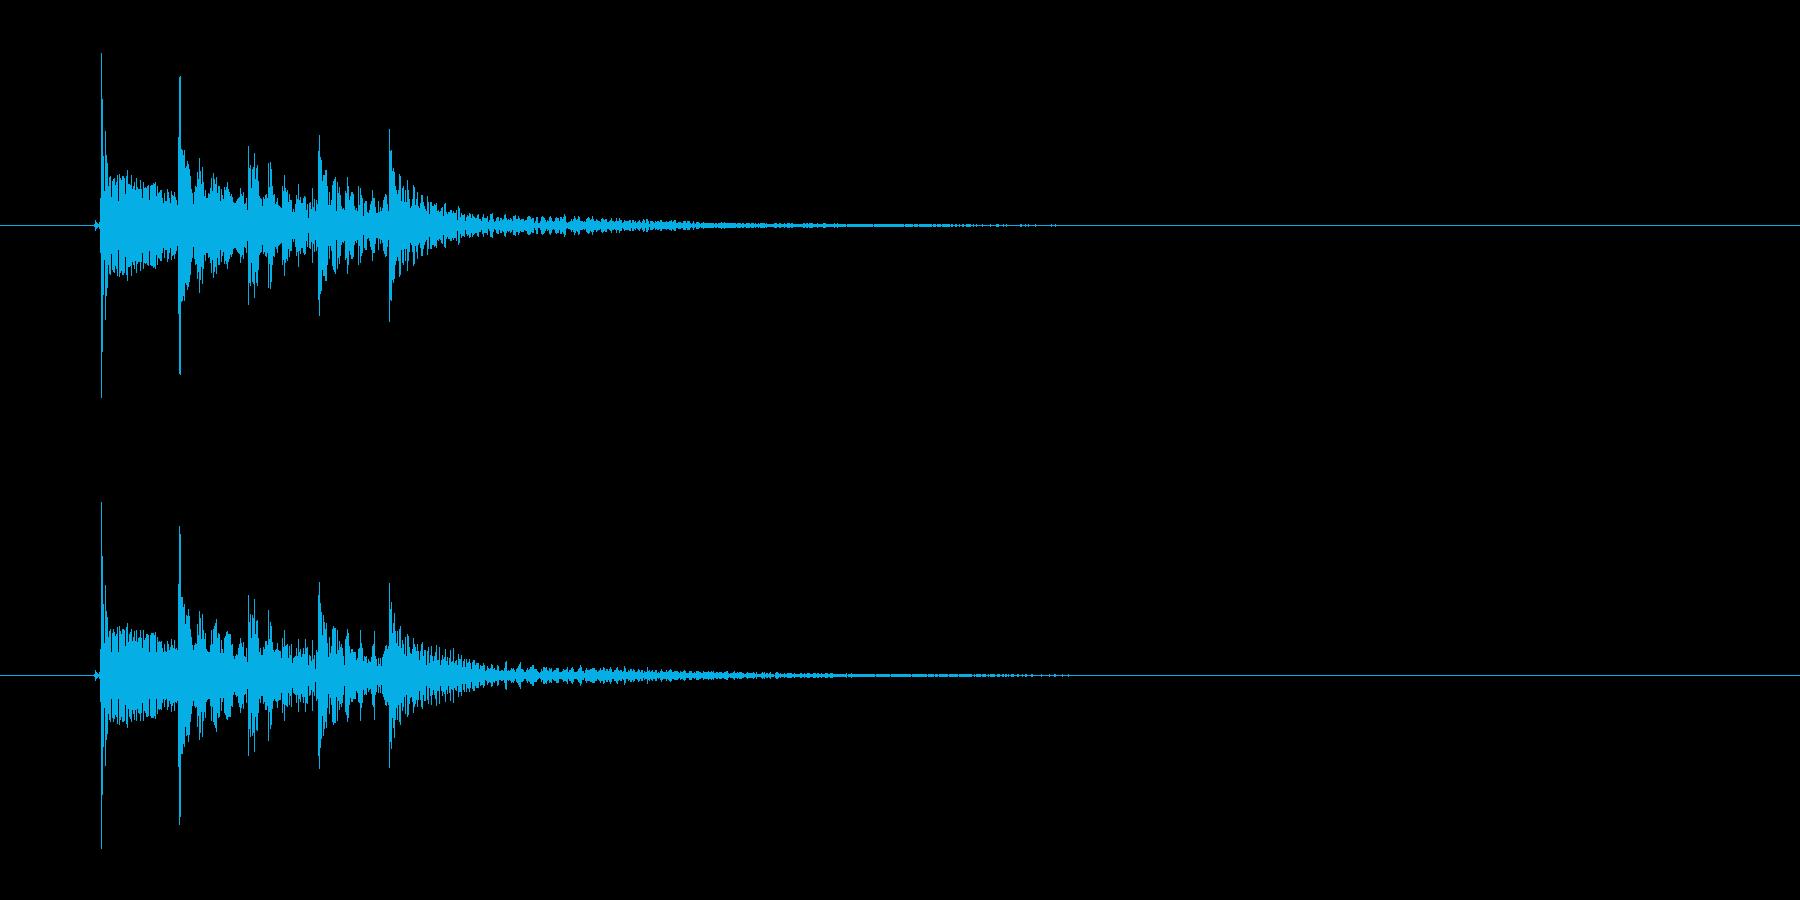 トゥロロロレン(不思議な音)の再生済みの波形